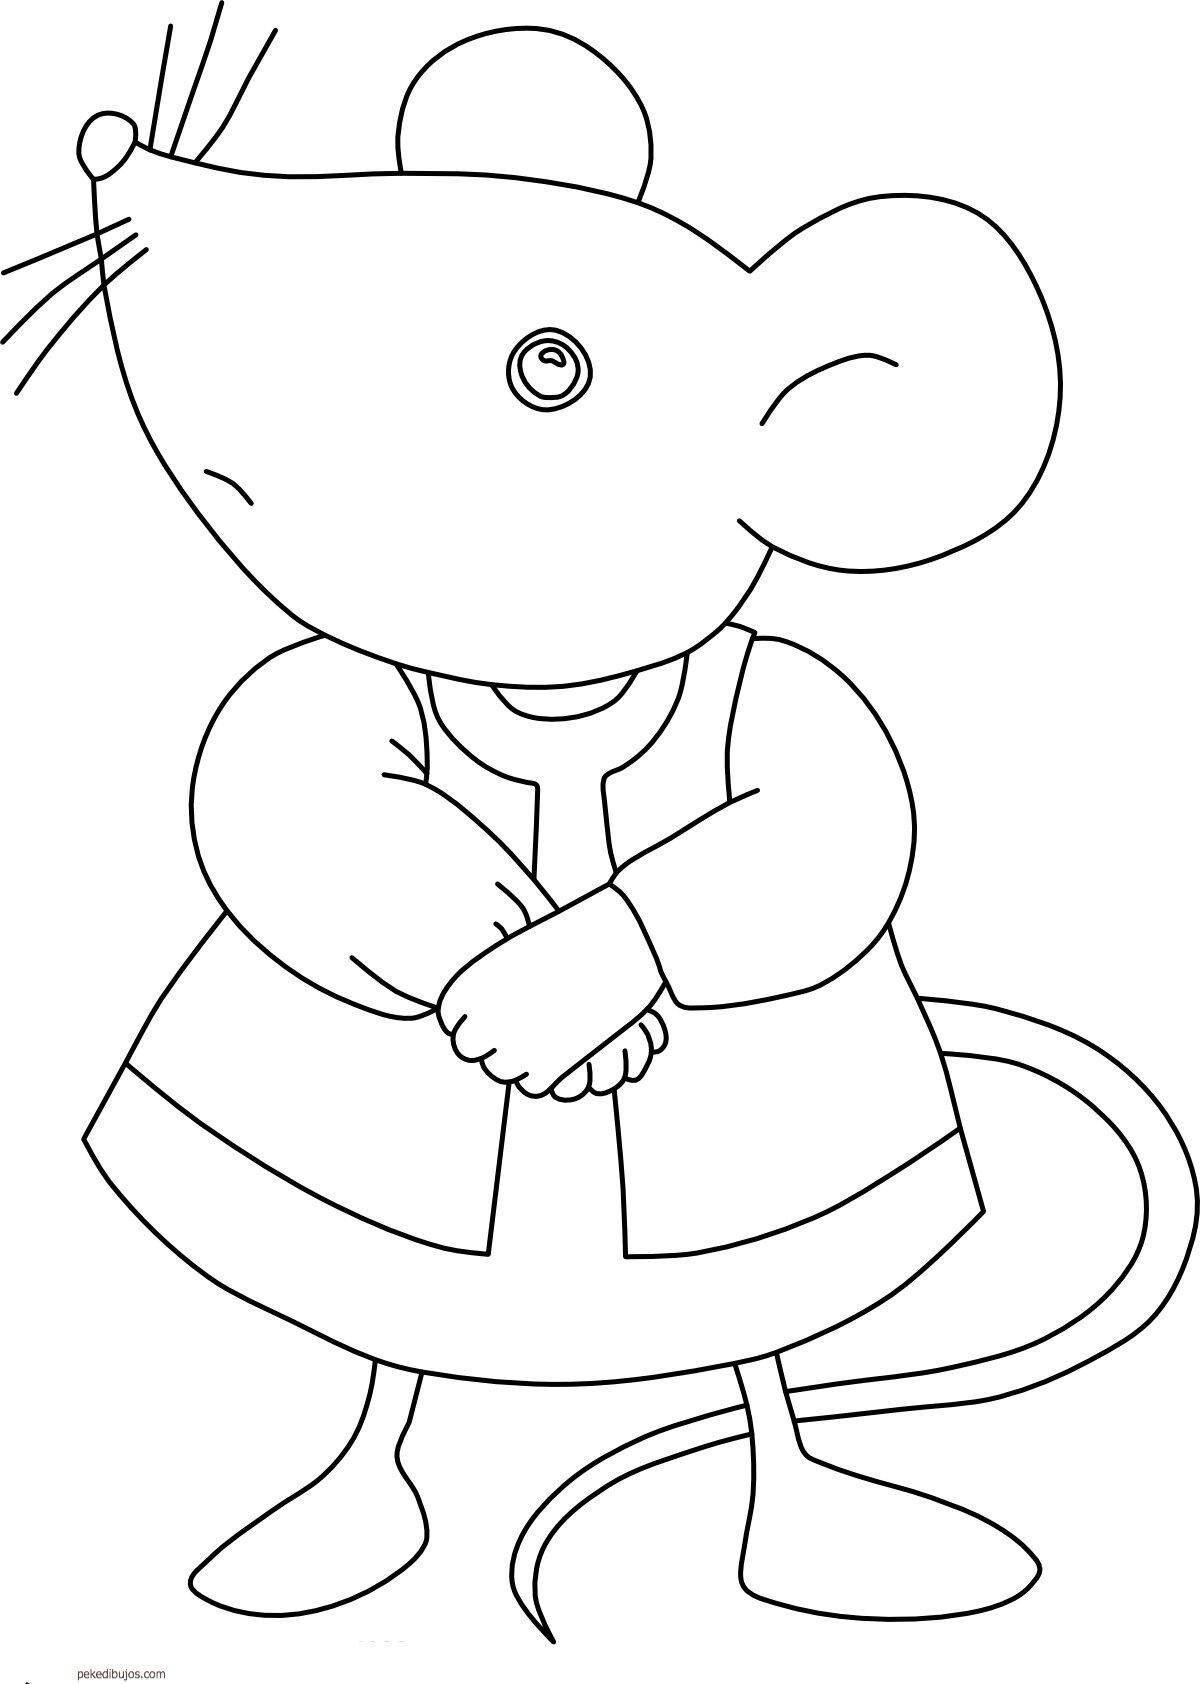 Картинка контур мышка